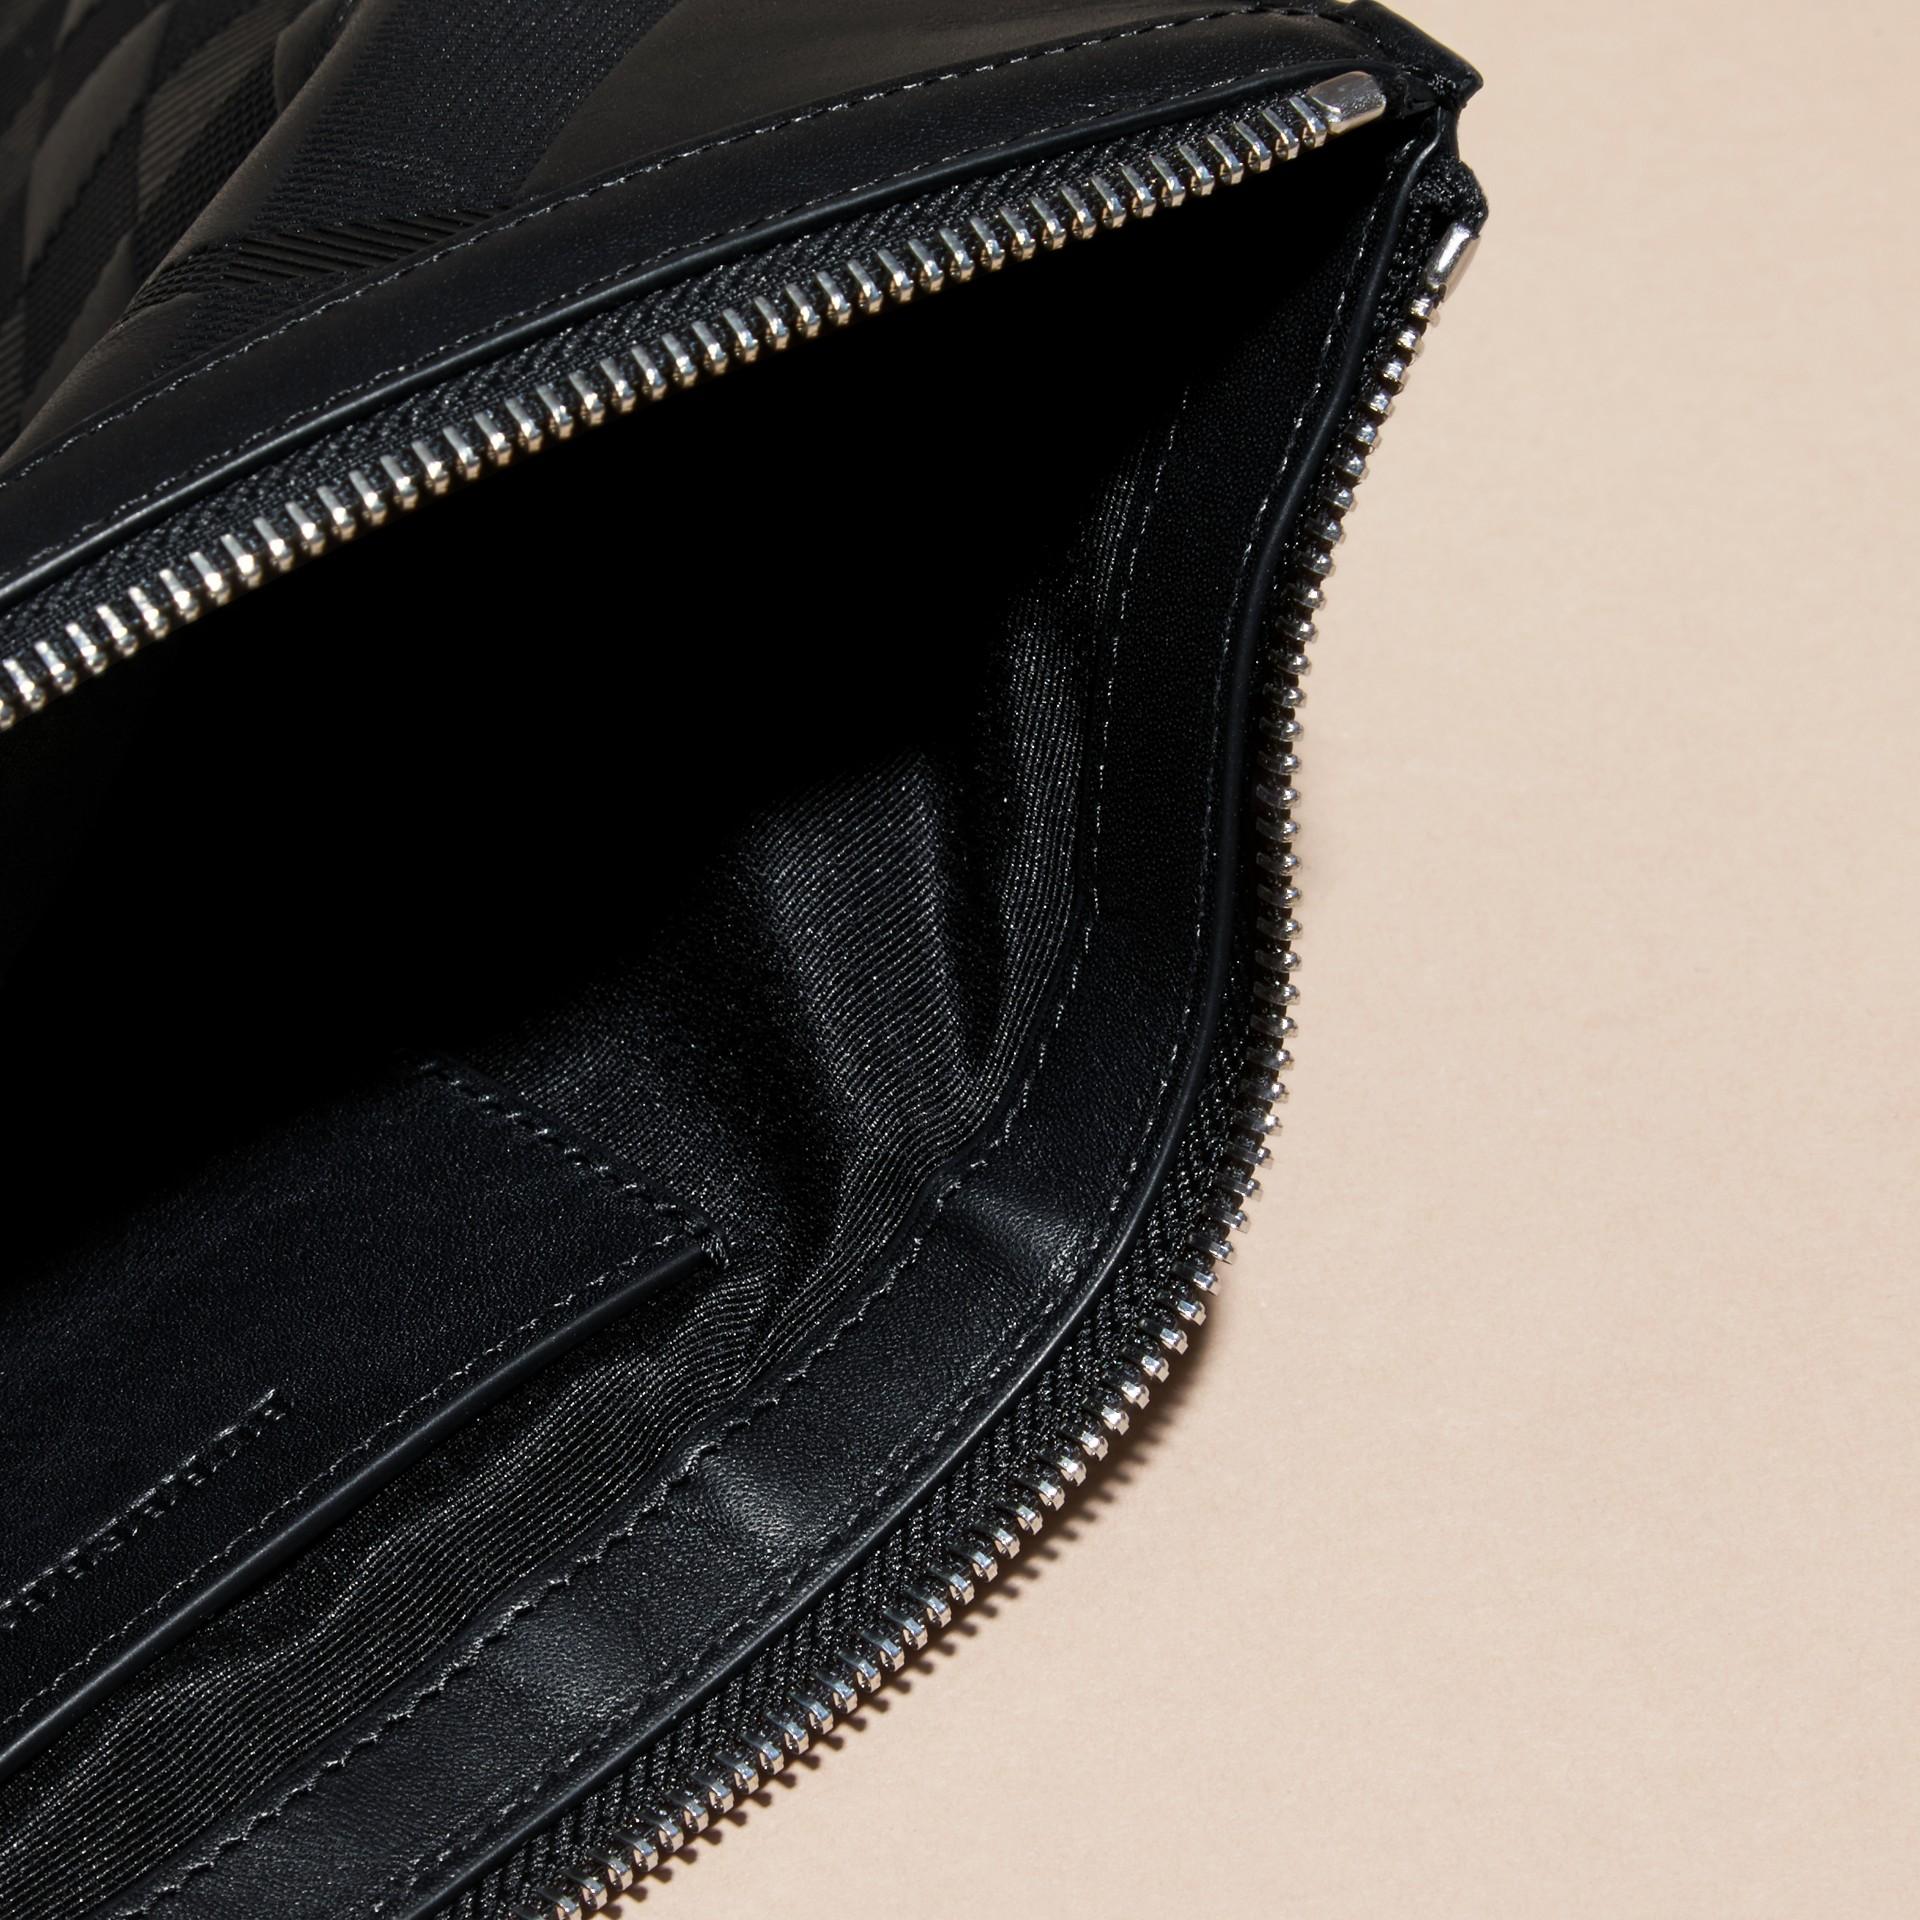 Черный Сумка-кошелек из кожи с тиснением Черный - изображение 5